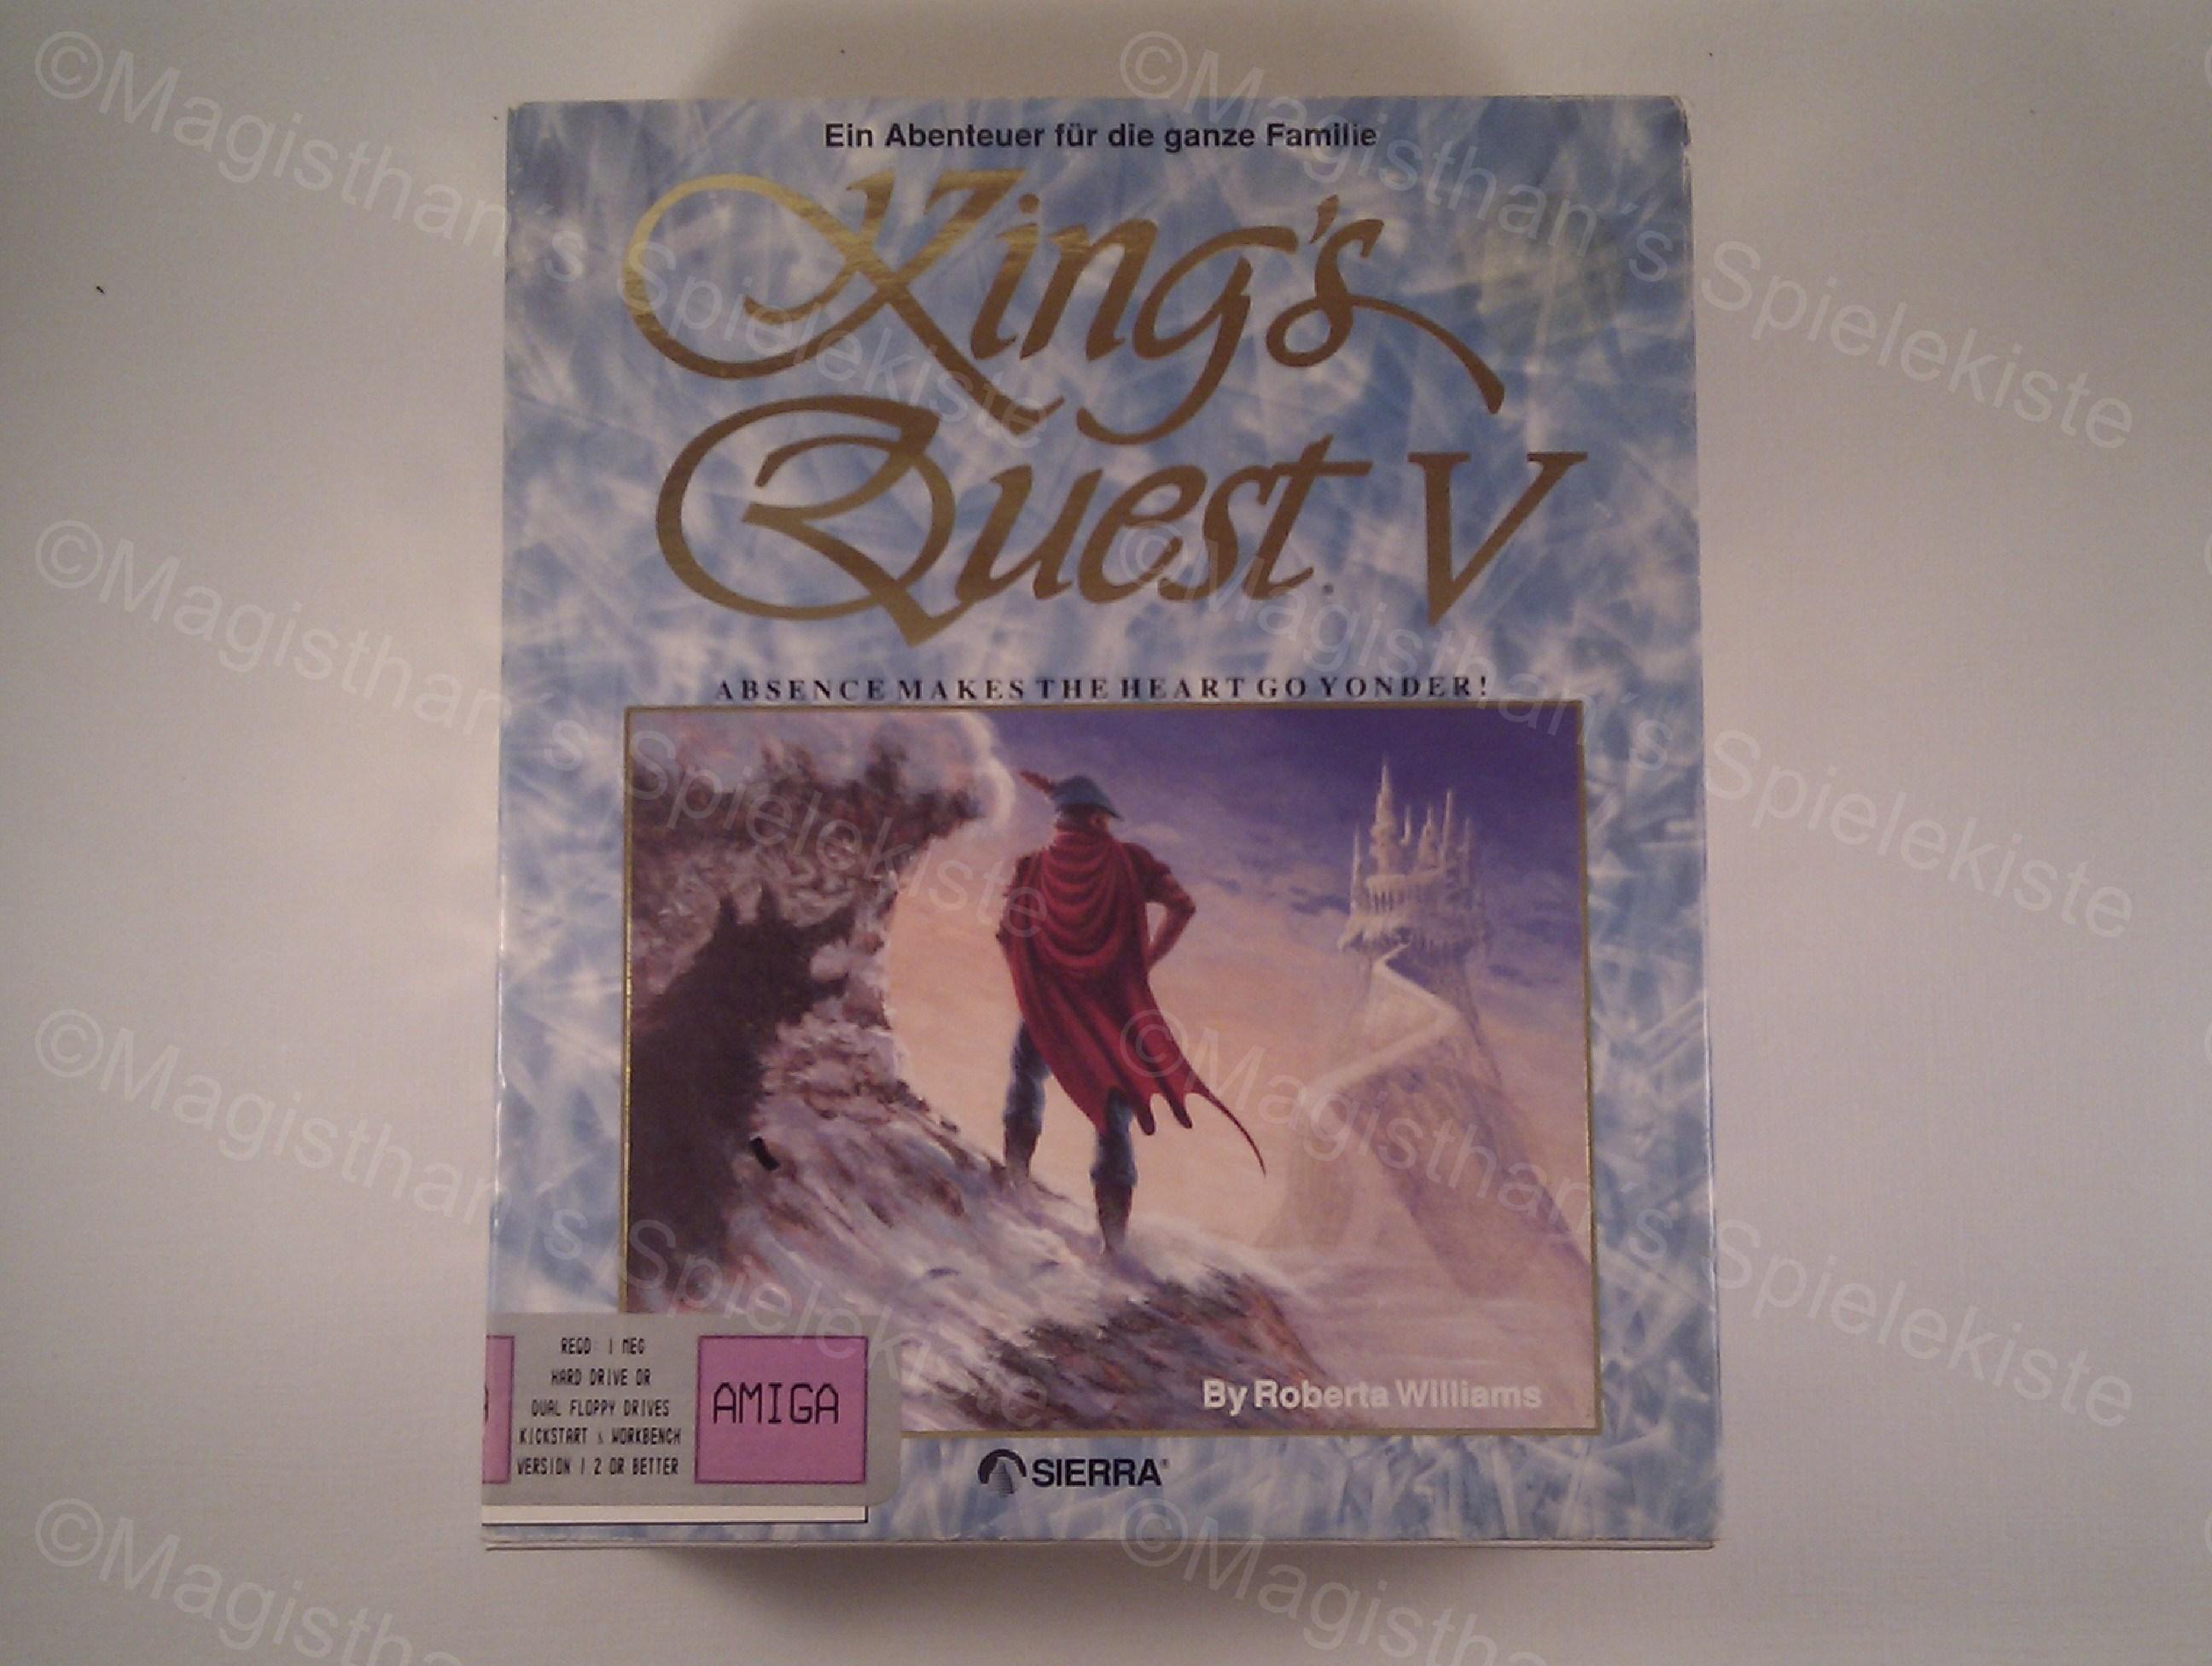 KingsQuest51.jpg